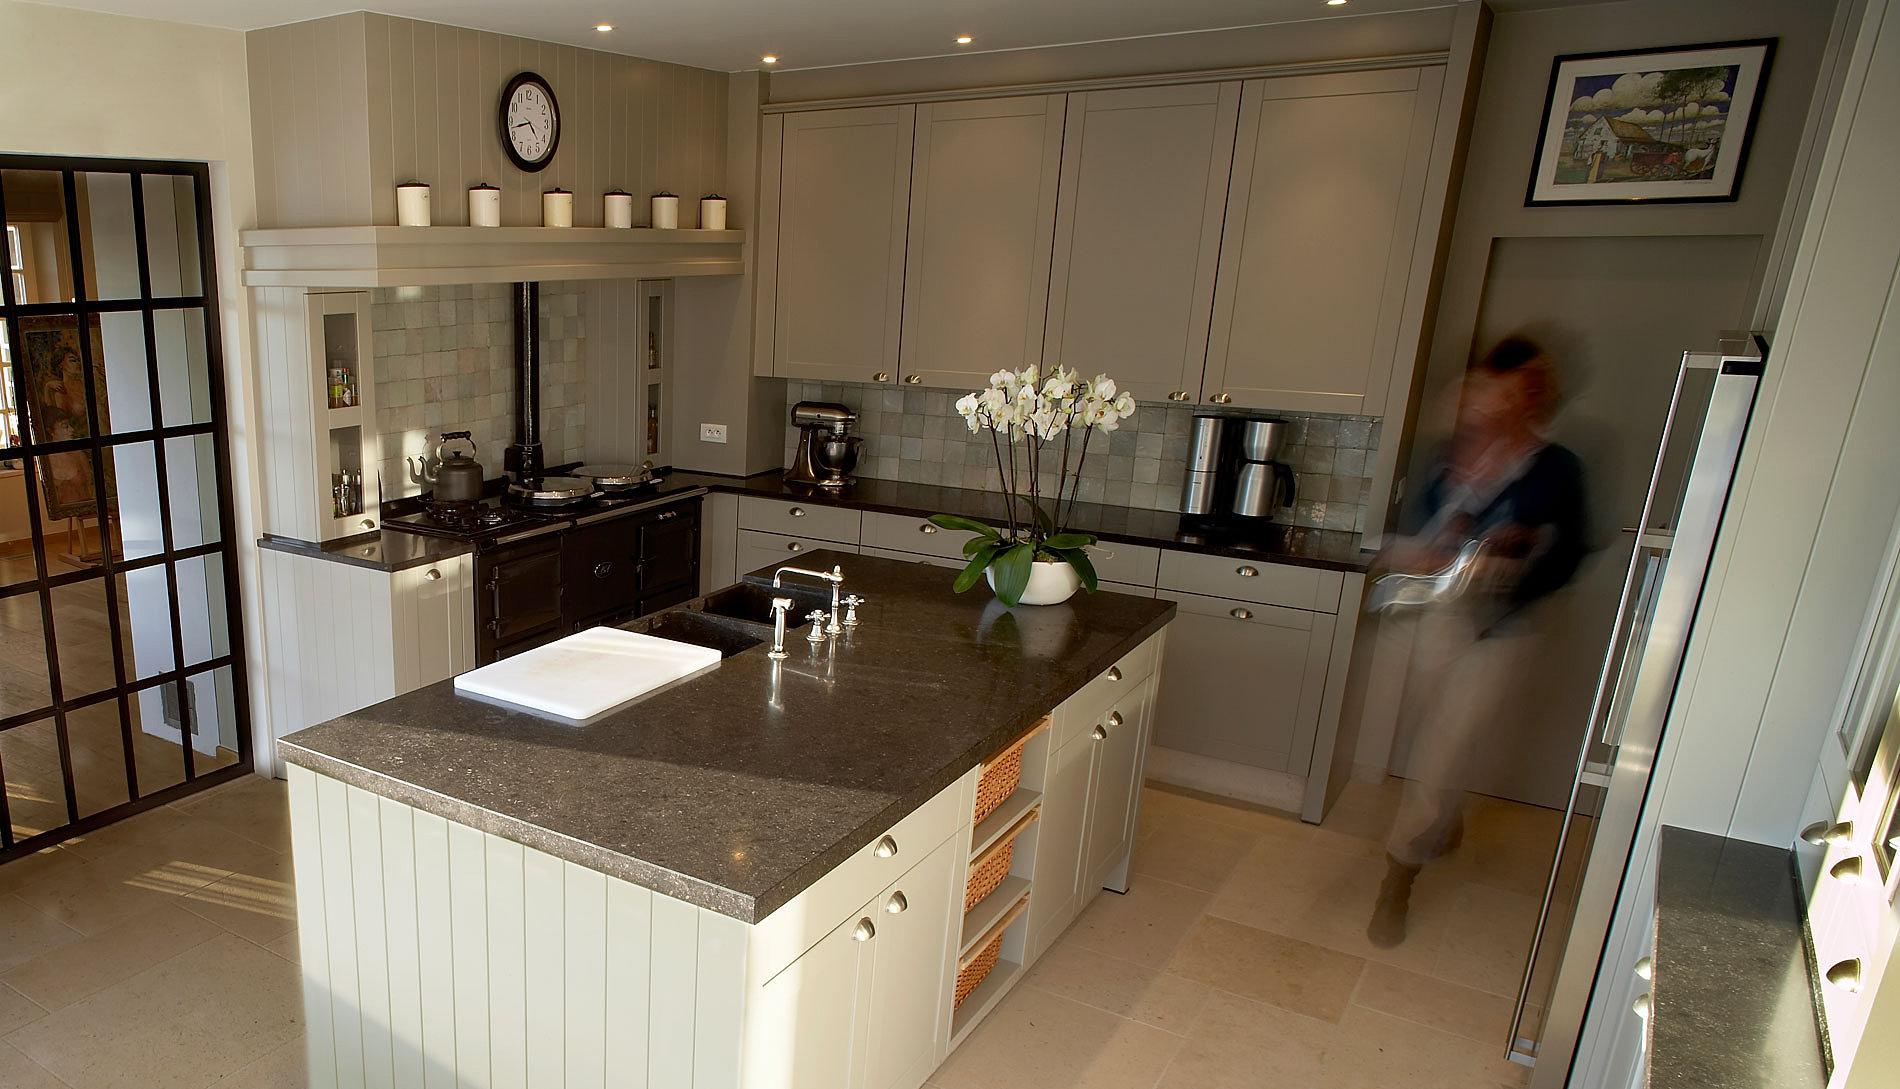 ... . MP BUYL - Gent en omgeving : Landelijke keuken - MP Buyl - Gent